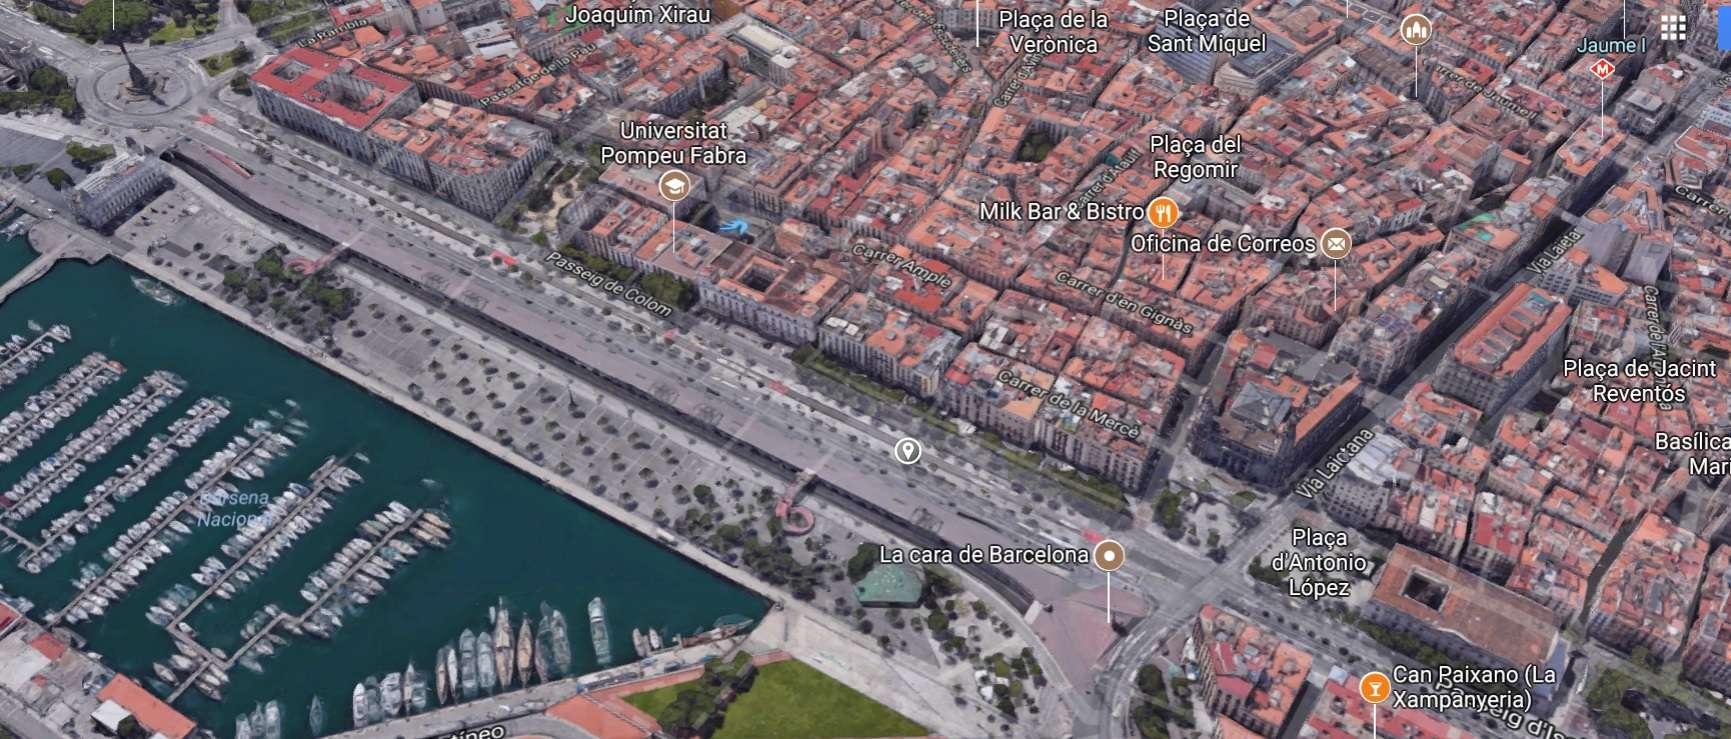 Finca régia en Barrio Gótico, Barcelona